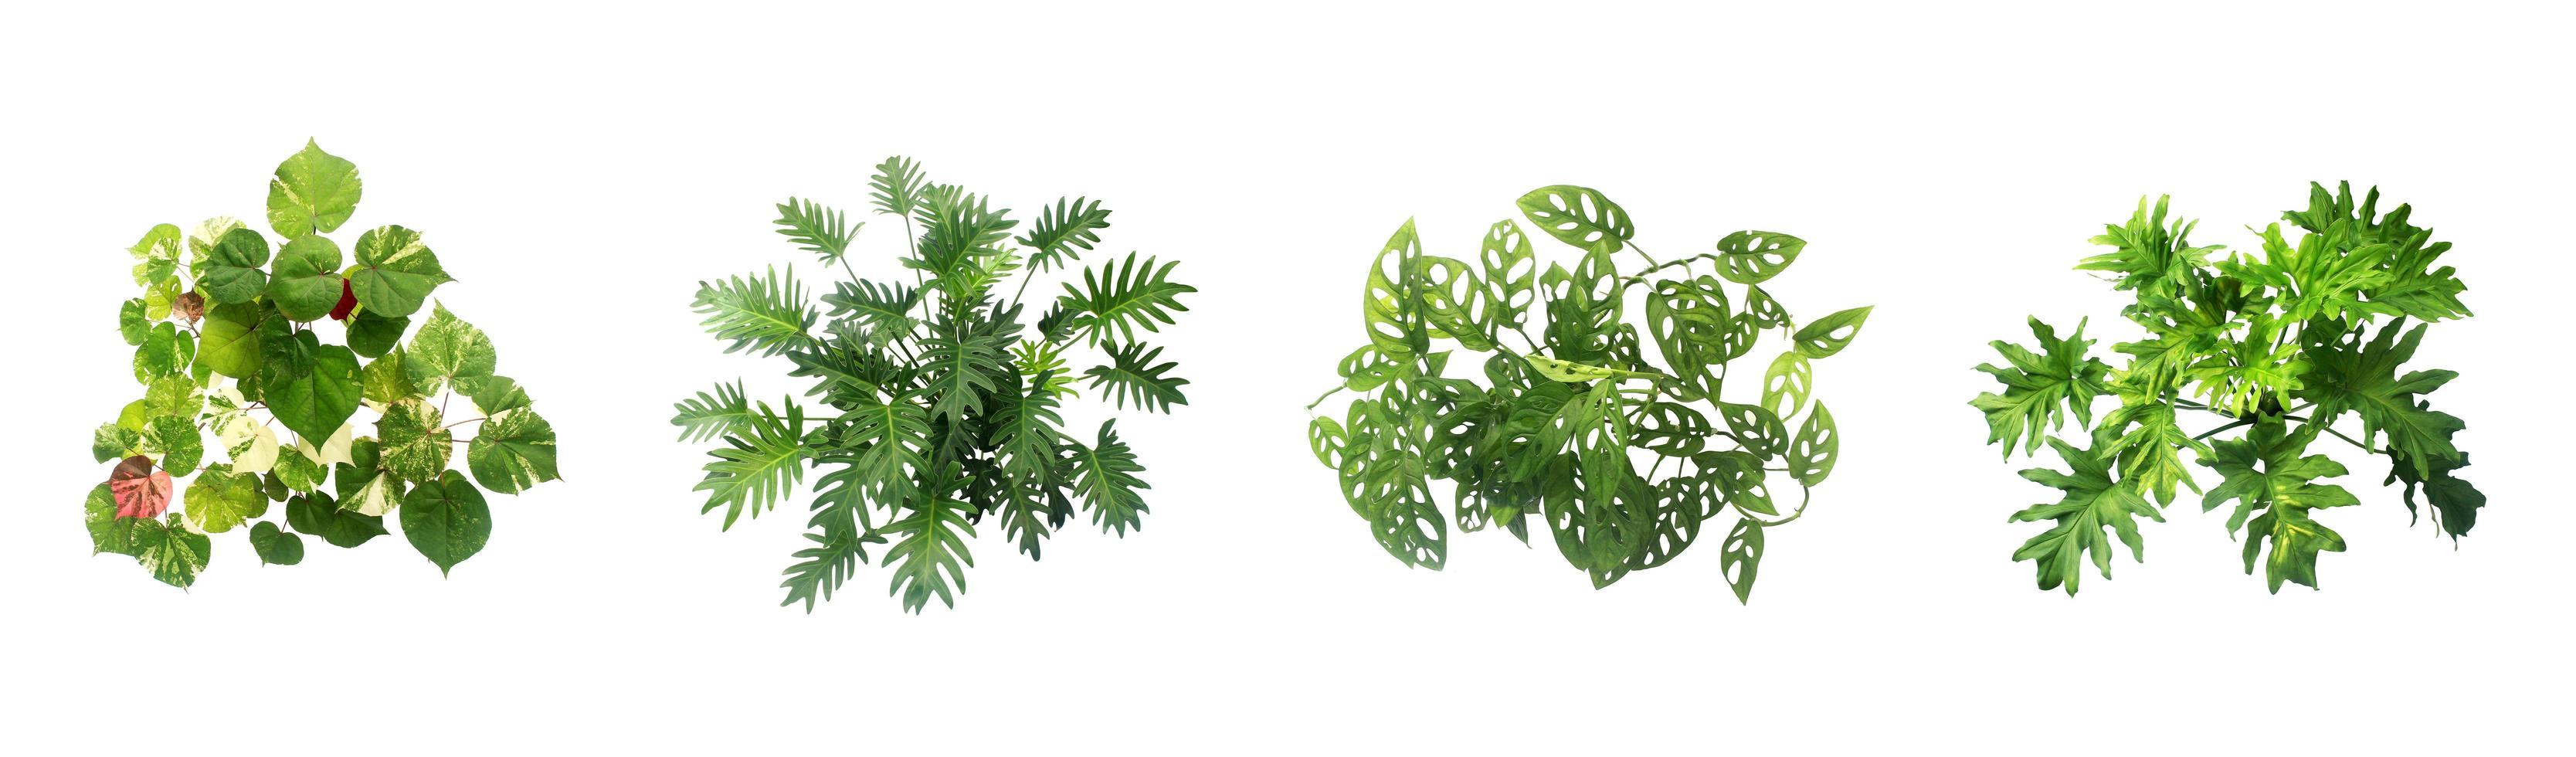 plantes vertes sur fond blanc photo